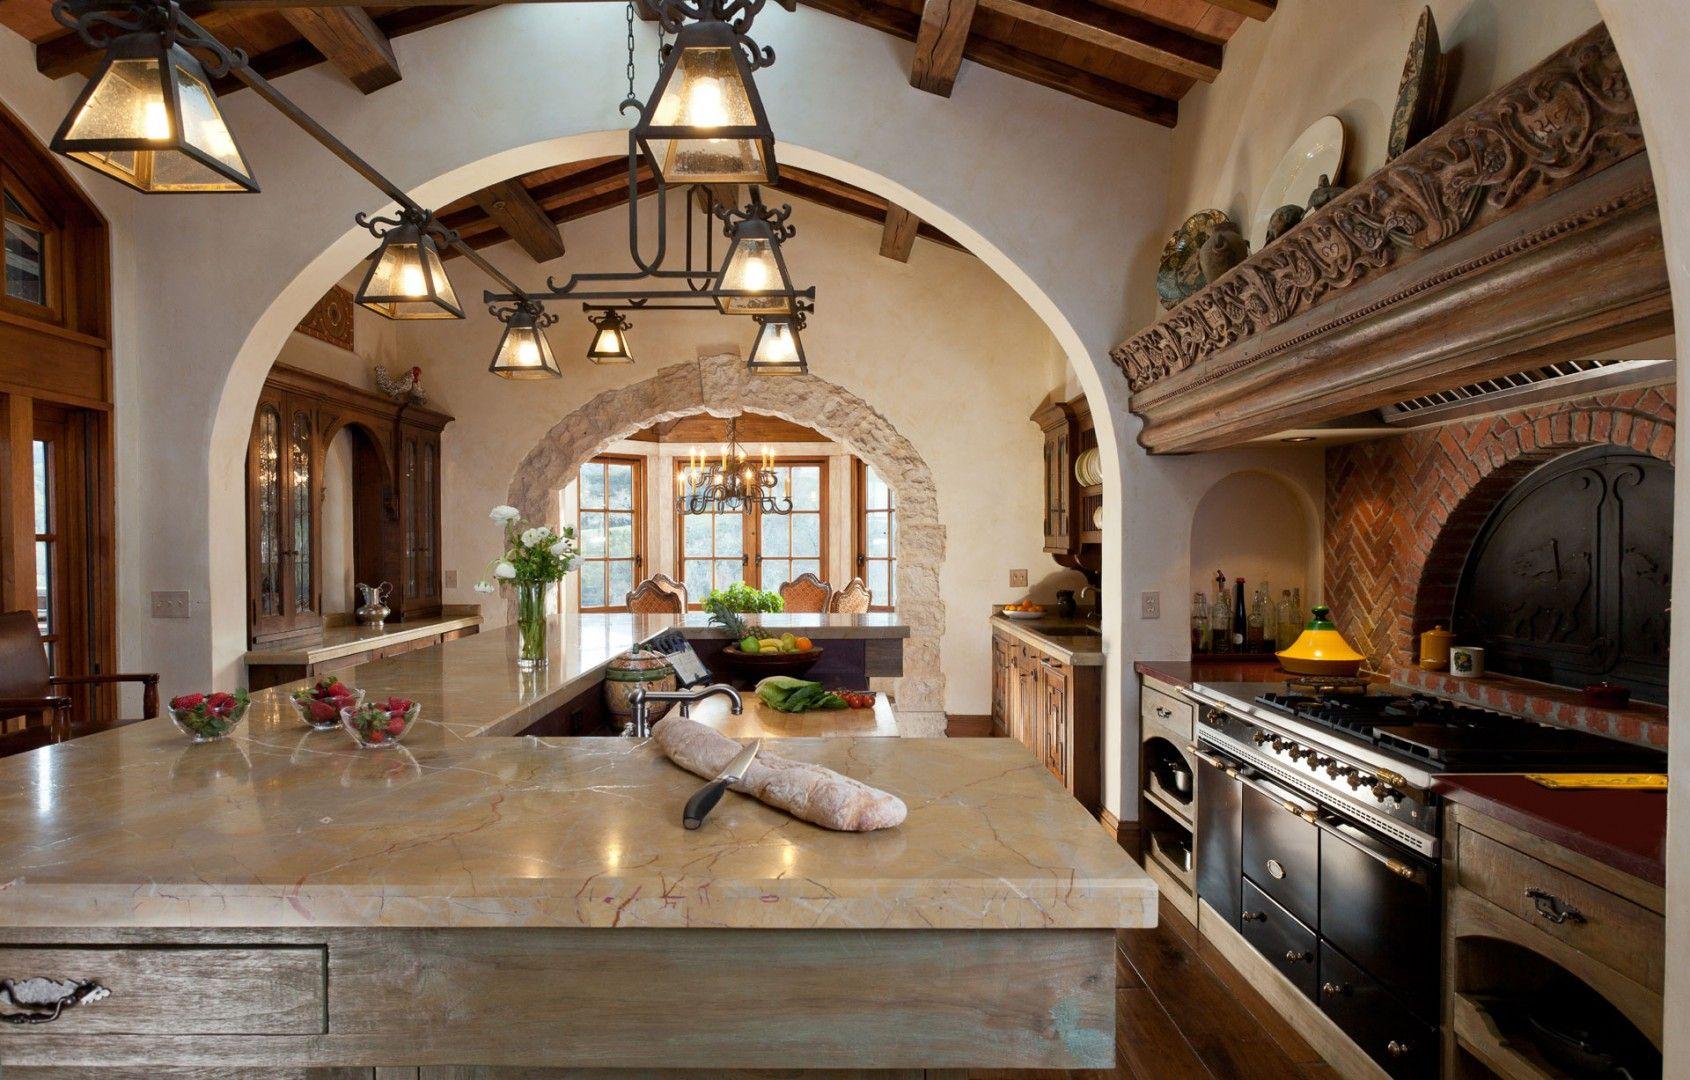 Spanish Kitchen Design Ideas